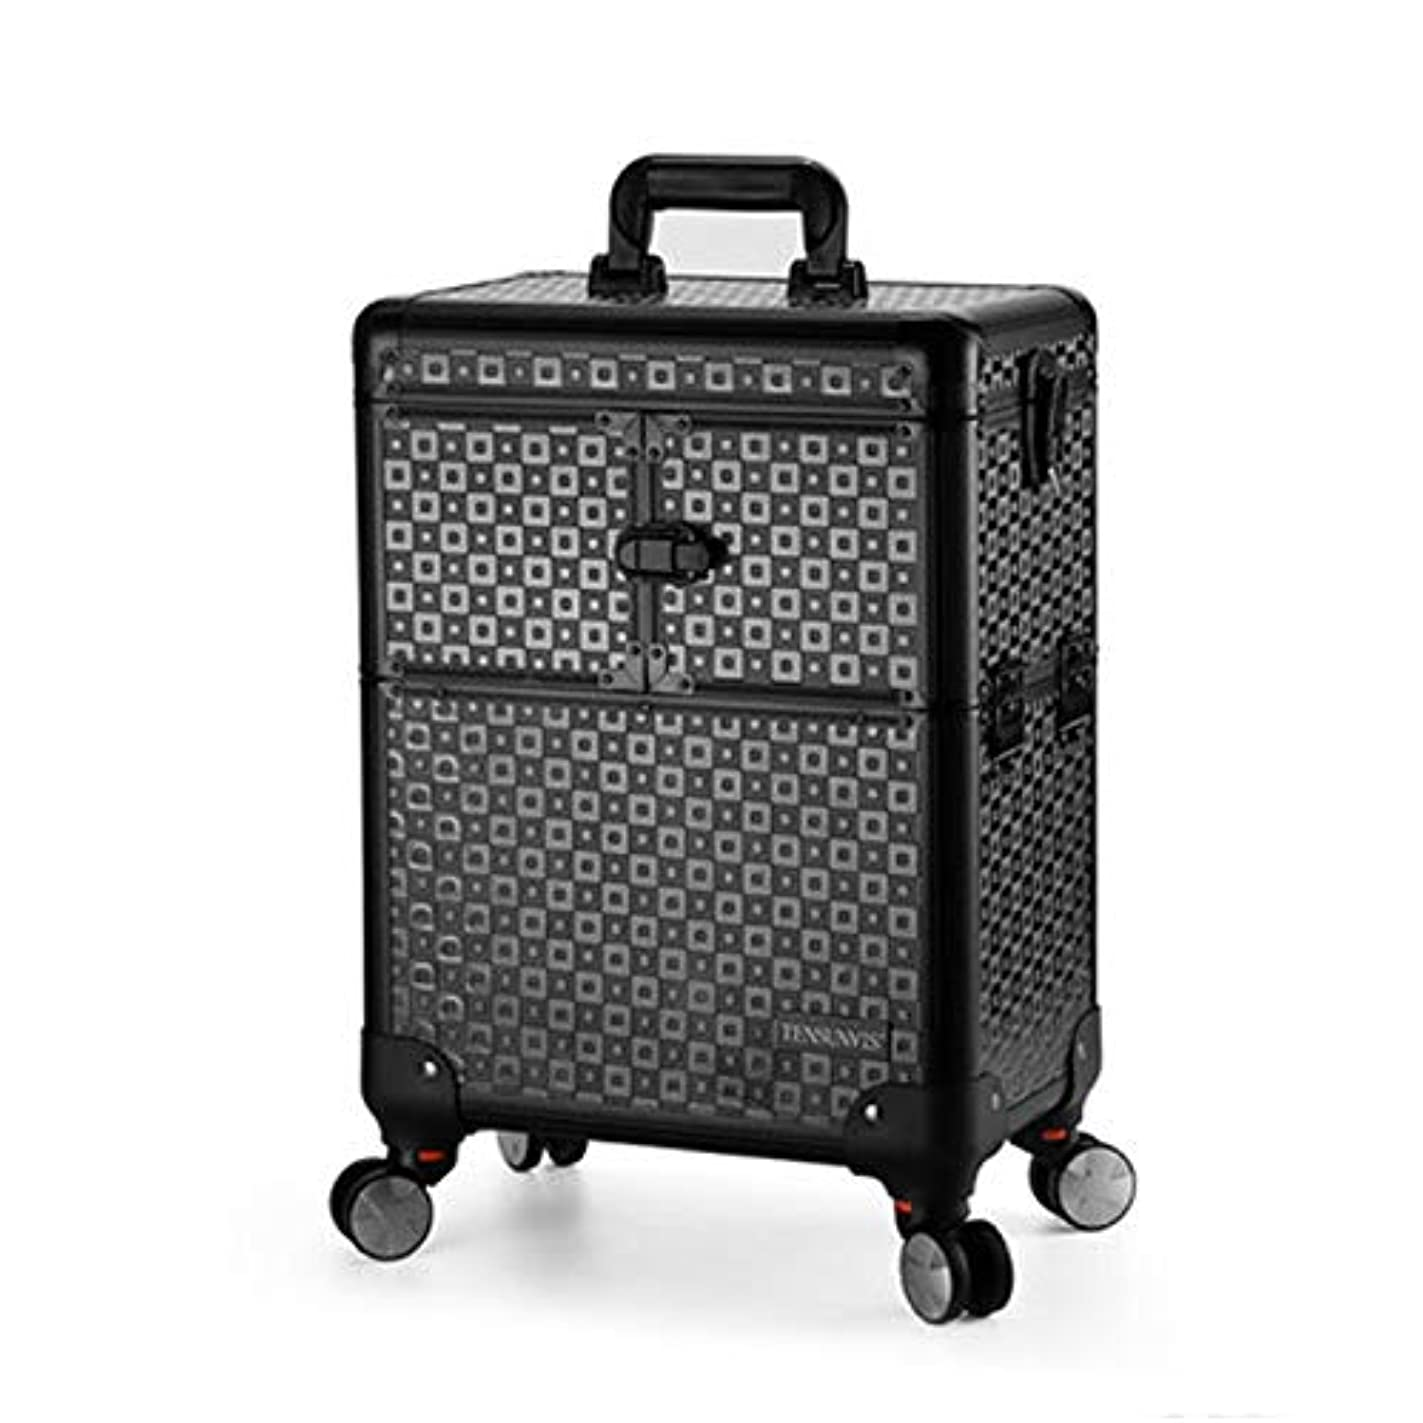 描くポジション暖炉プロ専用 美容師 クローゼット スーツケース メイクボックス キャリーバッグ ヘアメイク プロ 大容量 軽量 高品質 多機能 I-TT-4622-TB-T